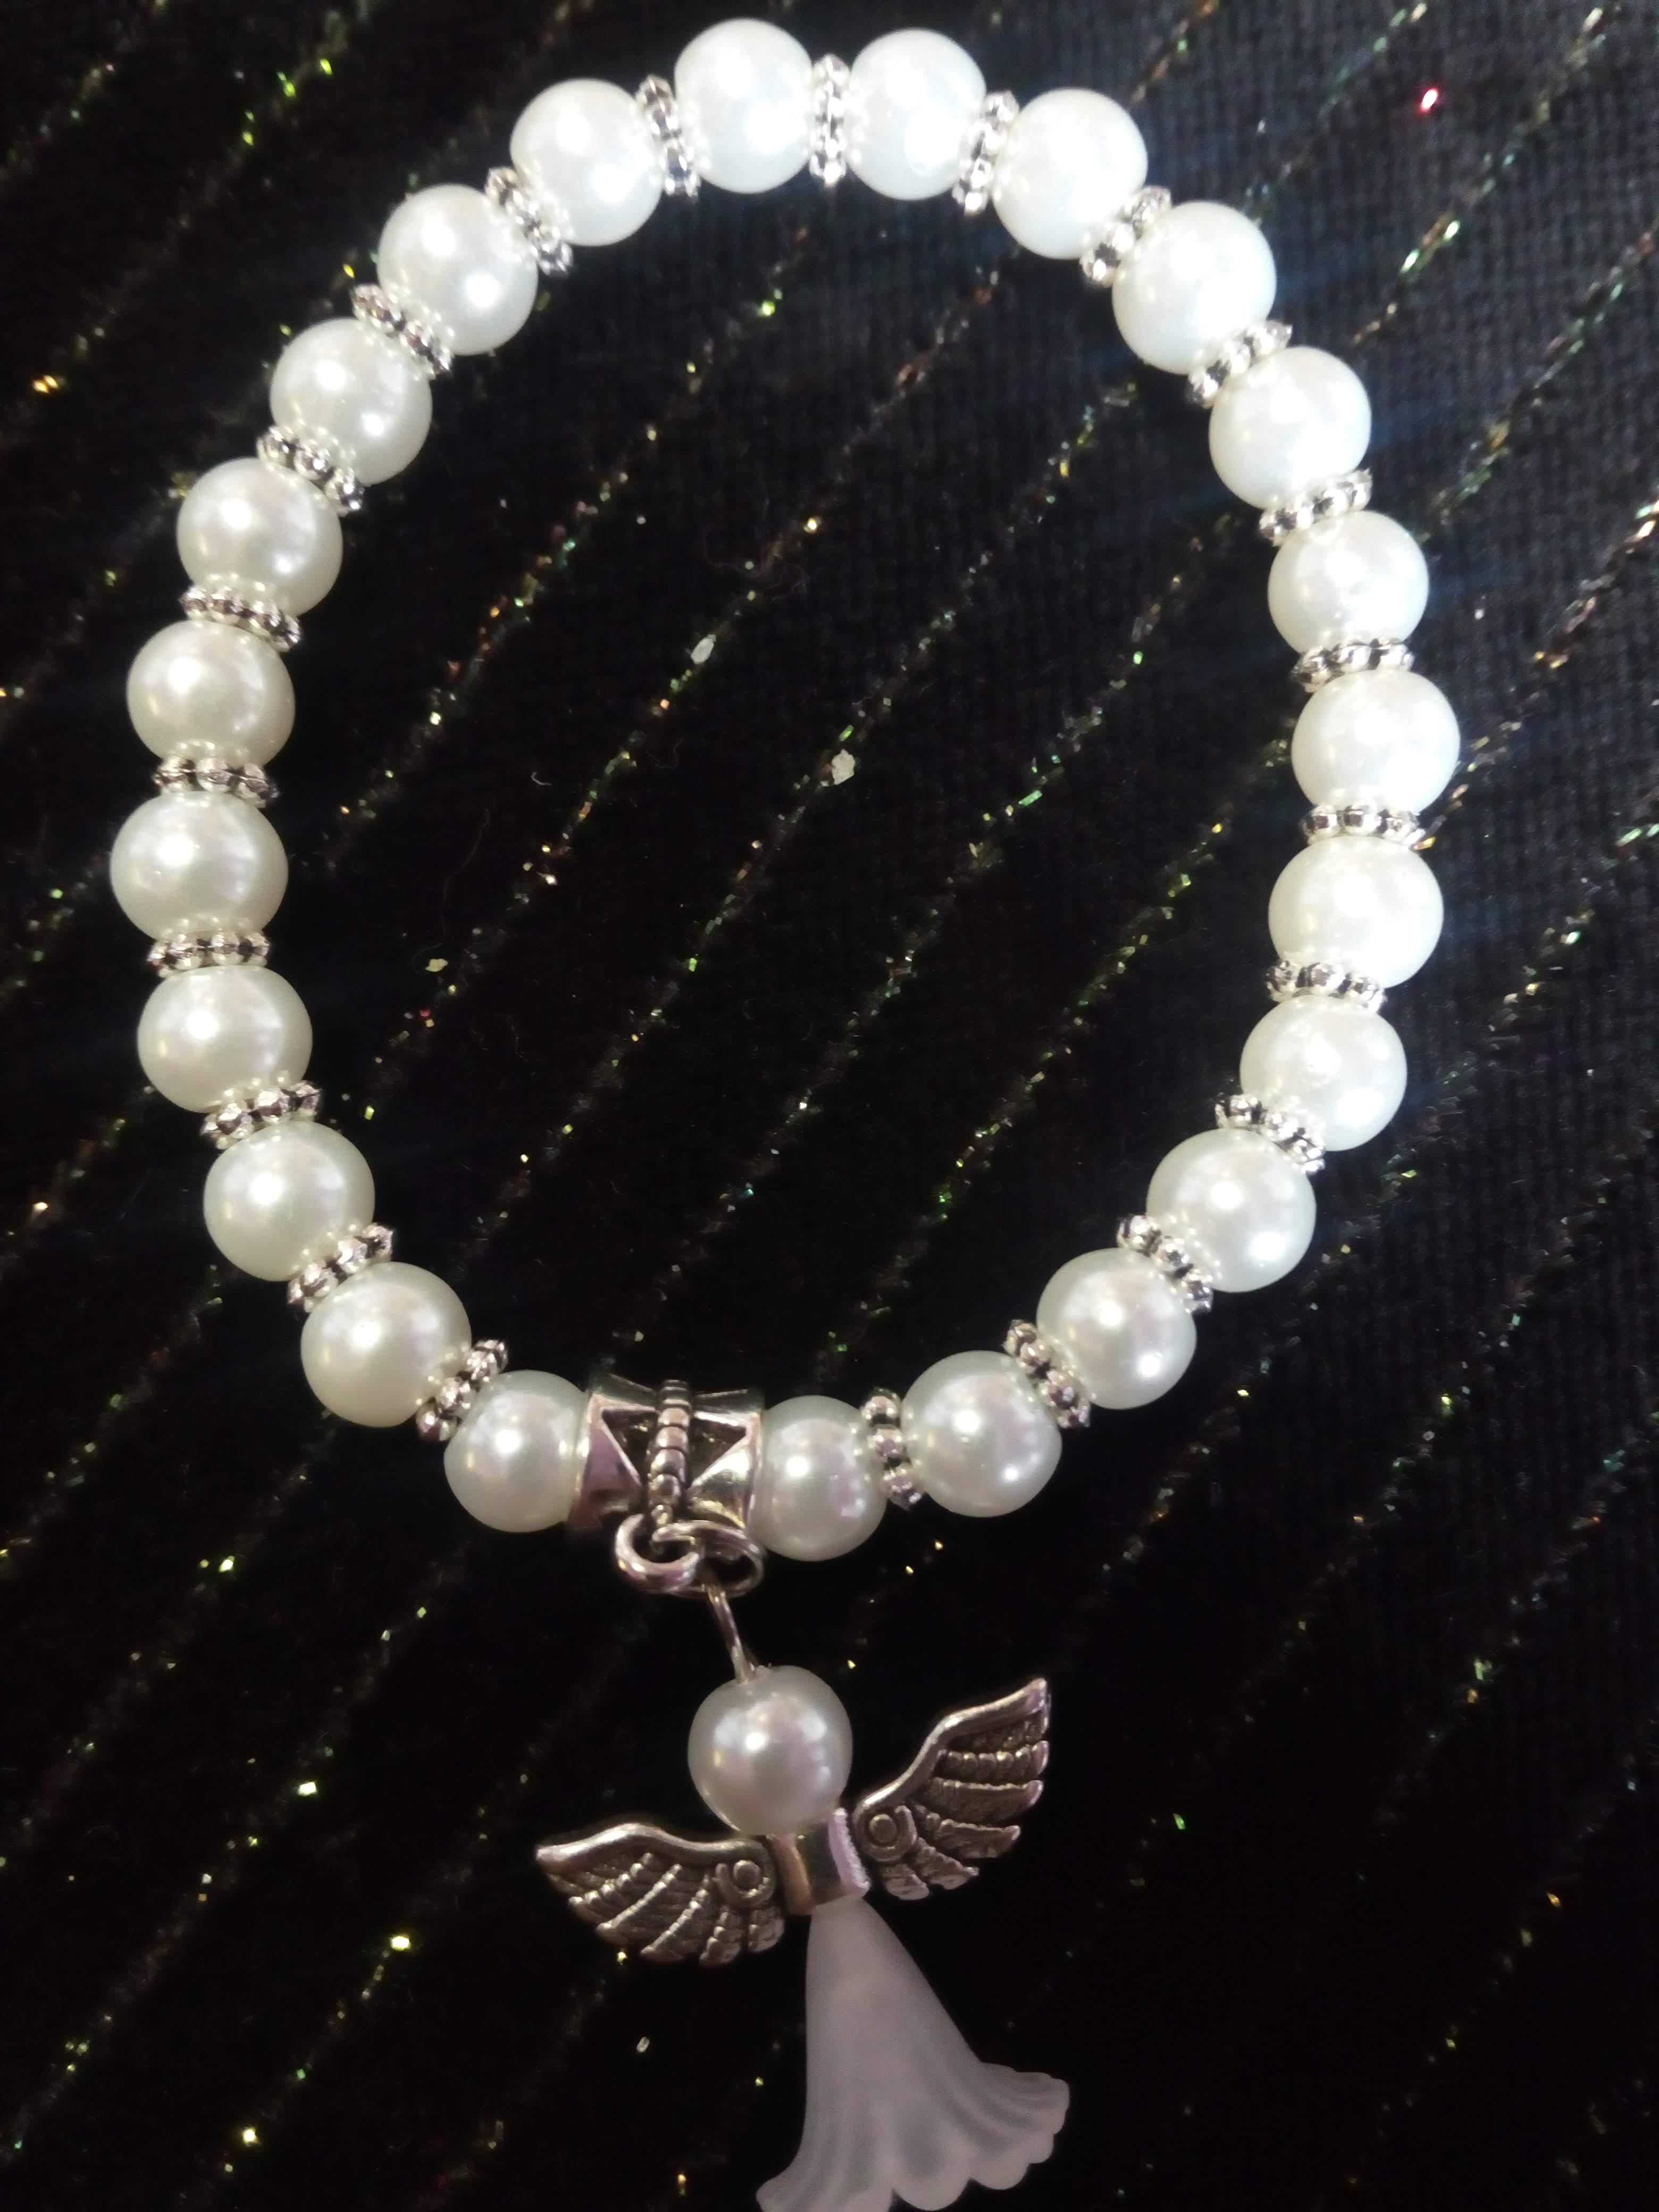 Bílý perlový náramek obohacuje lidské energie o světlo b31cb325524